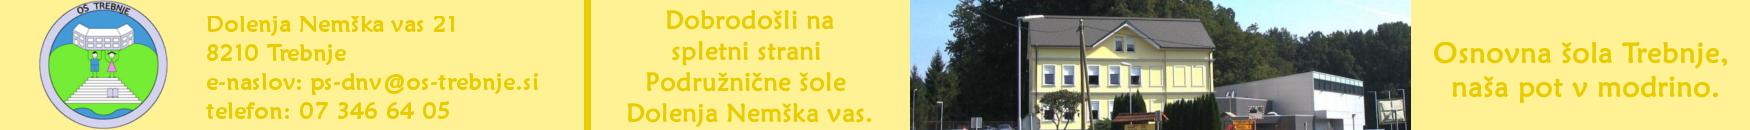 Spletna stran Podružnične šole Dolenja Nemška vas